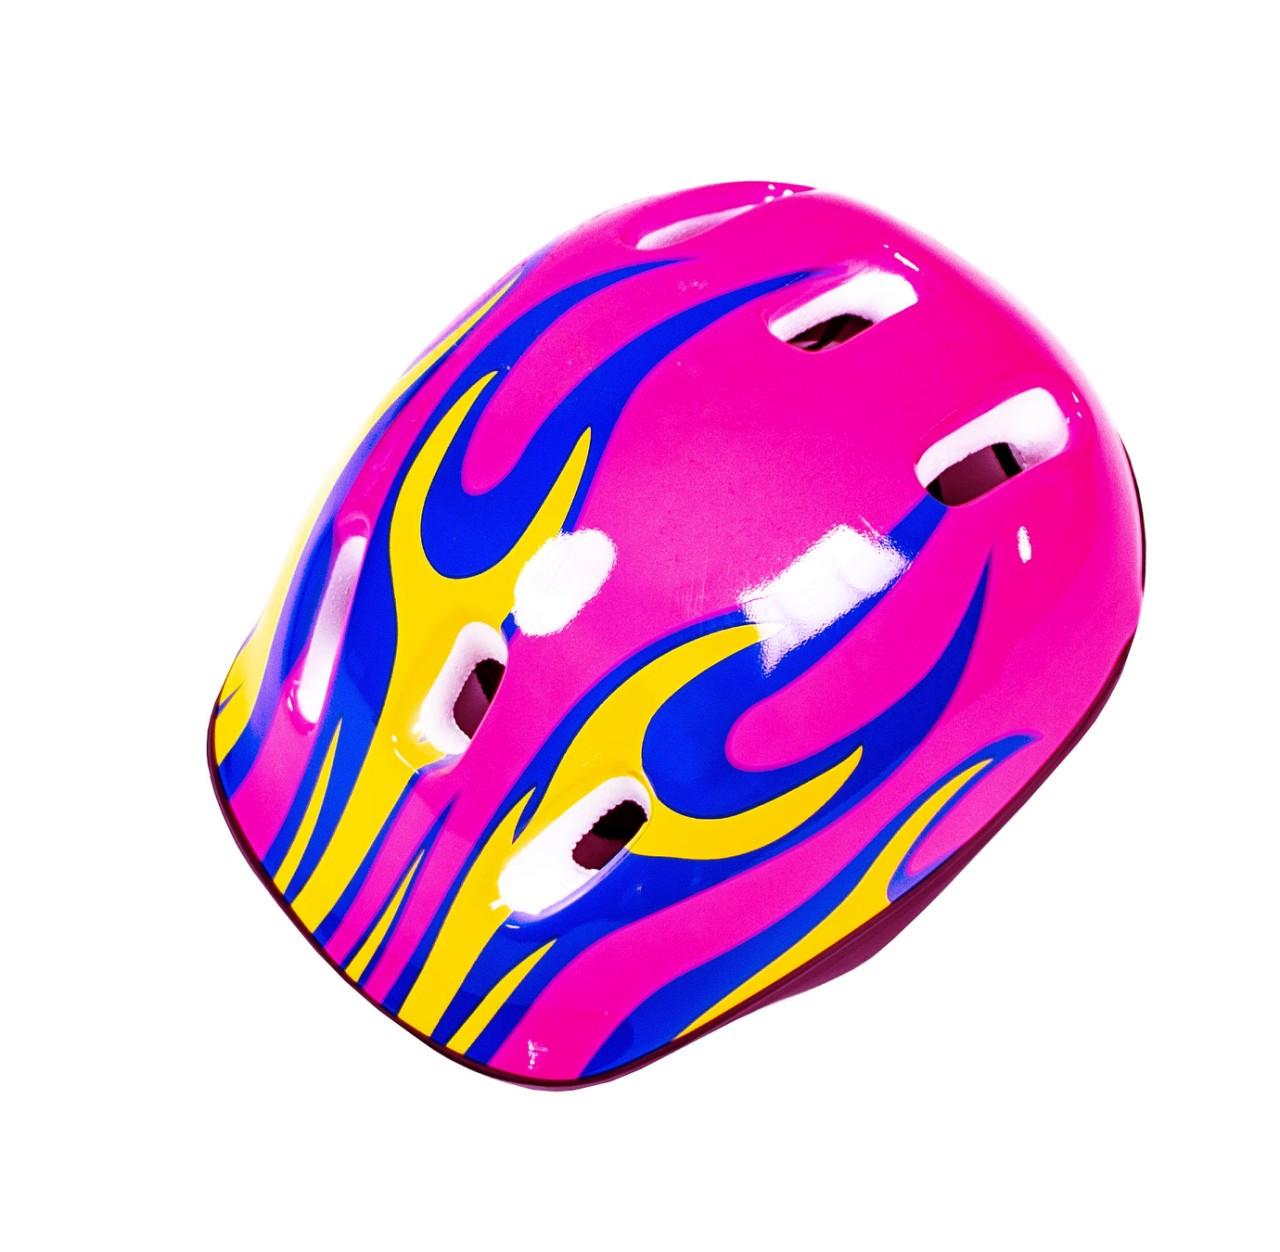 Шлем детский, для катания на роликах, скейте, велосипеде Pink. Огонь розовый